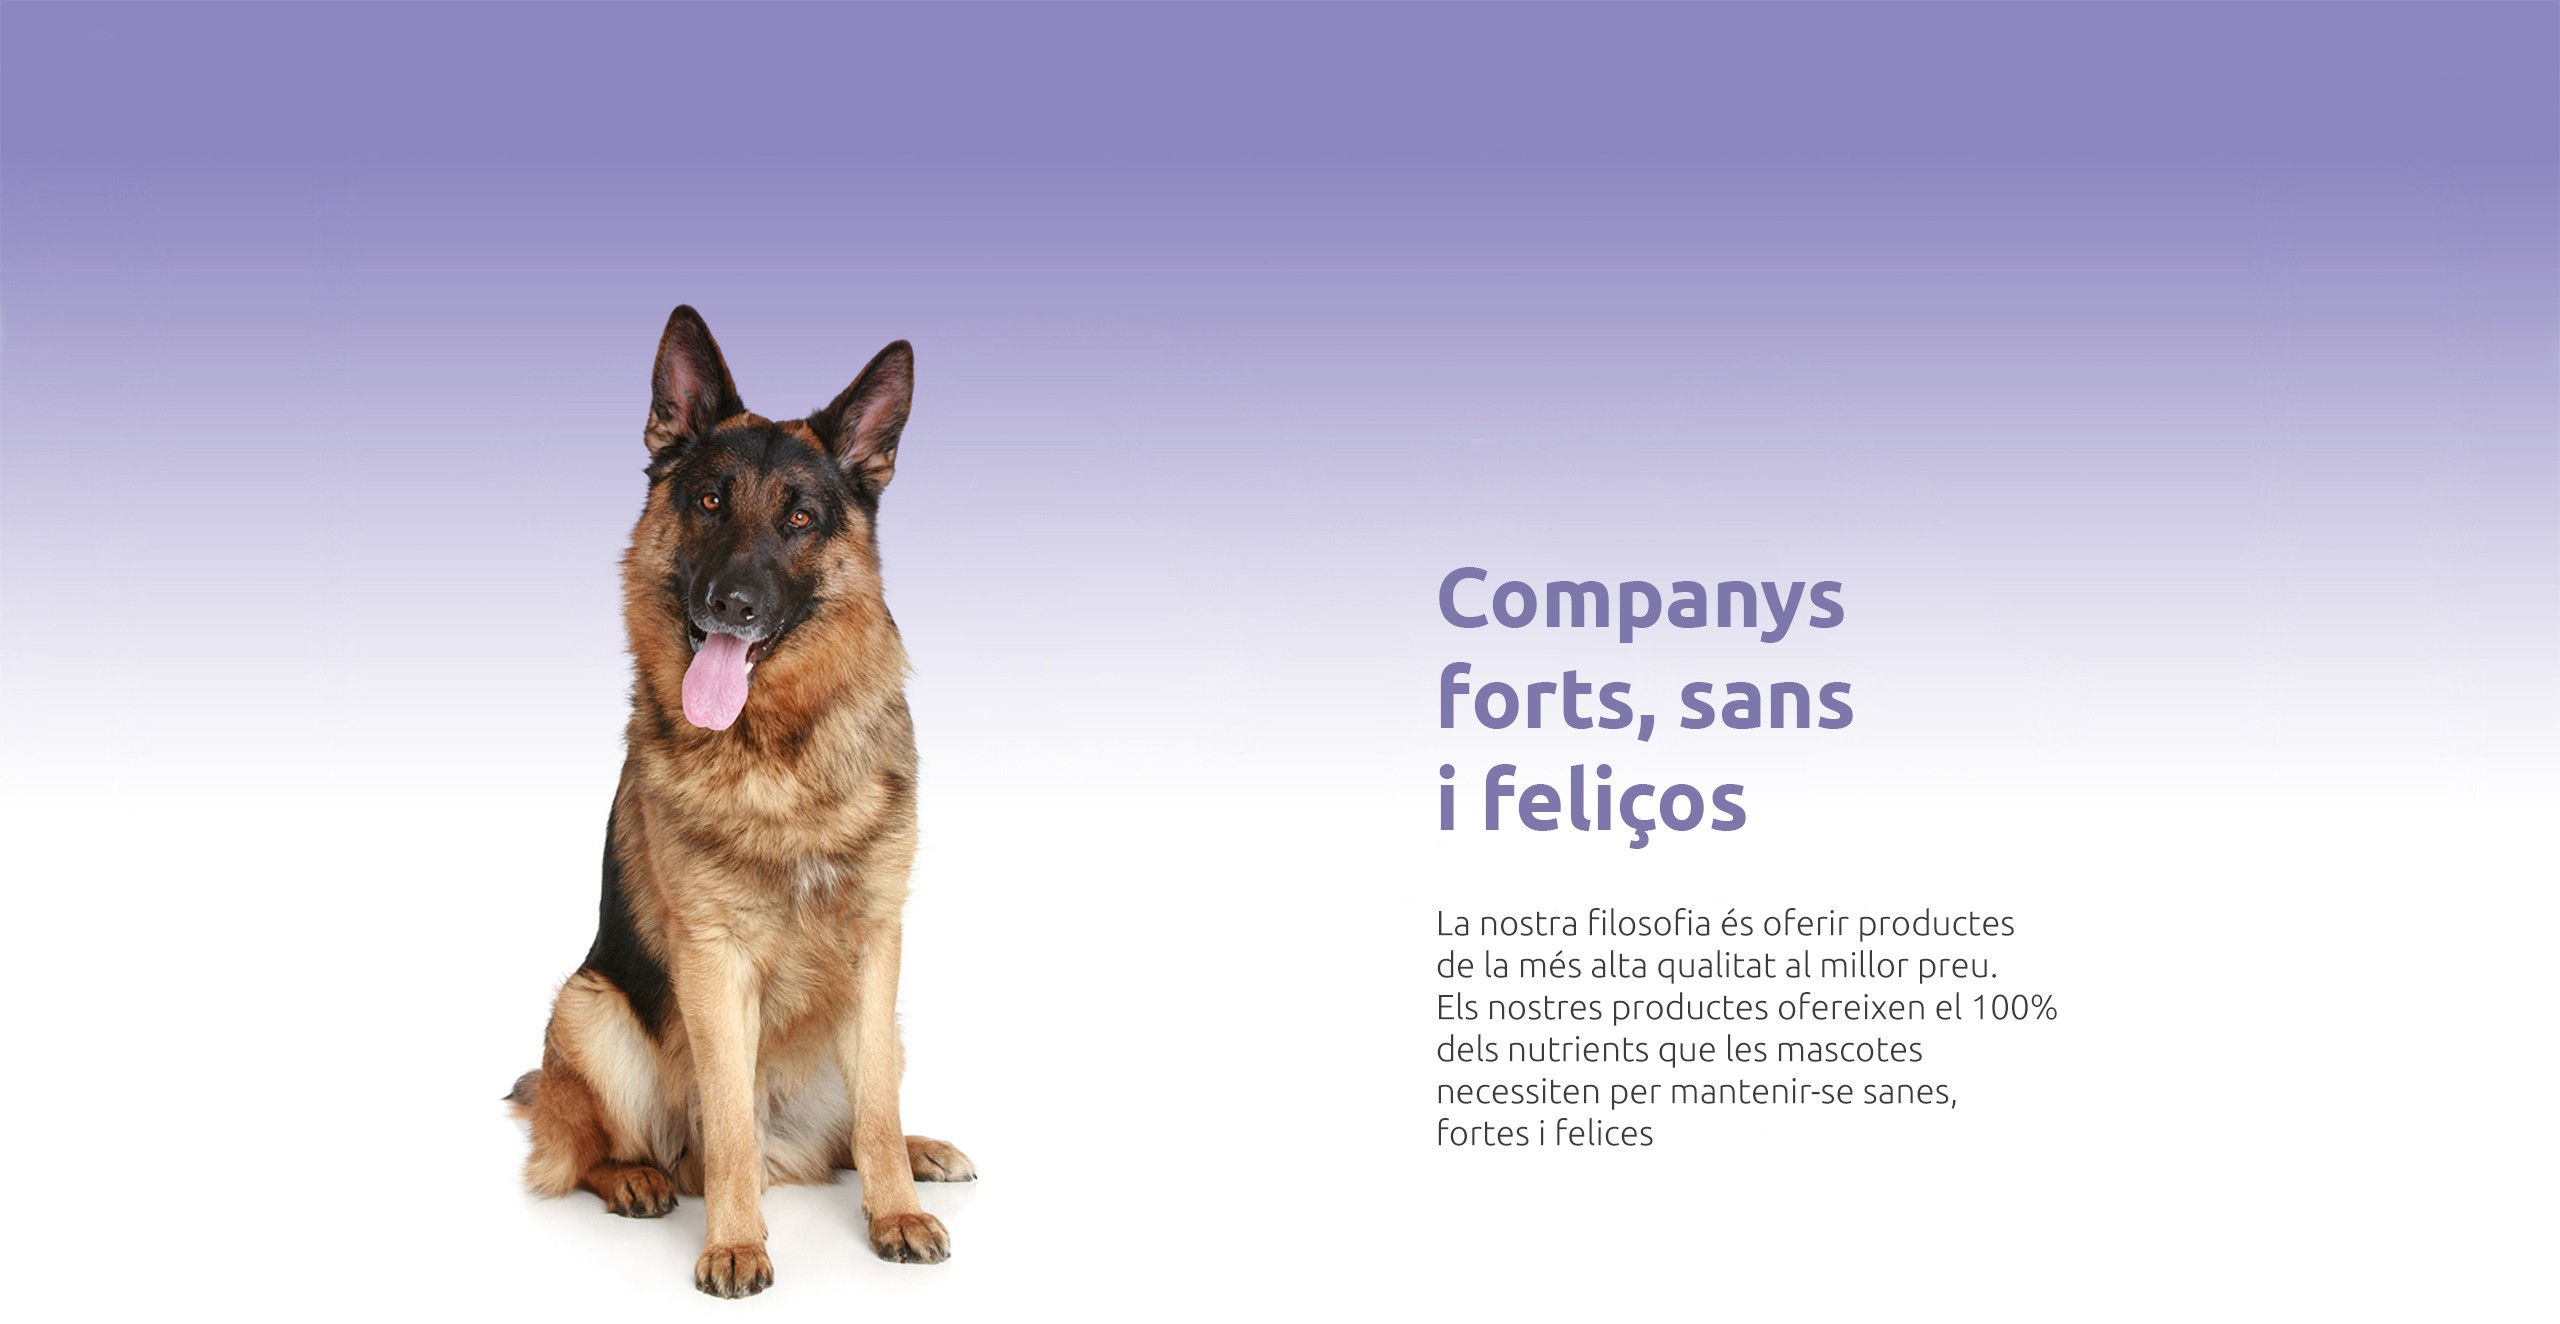 Companys forts, sans i feliços